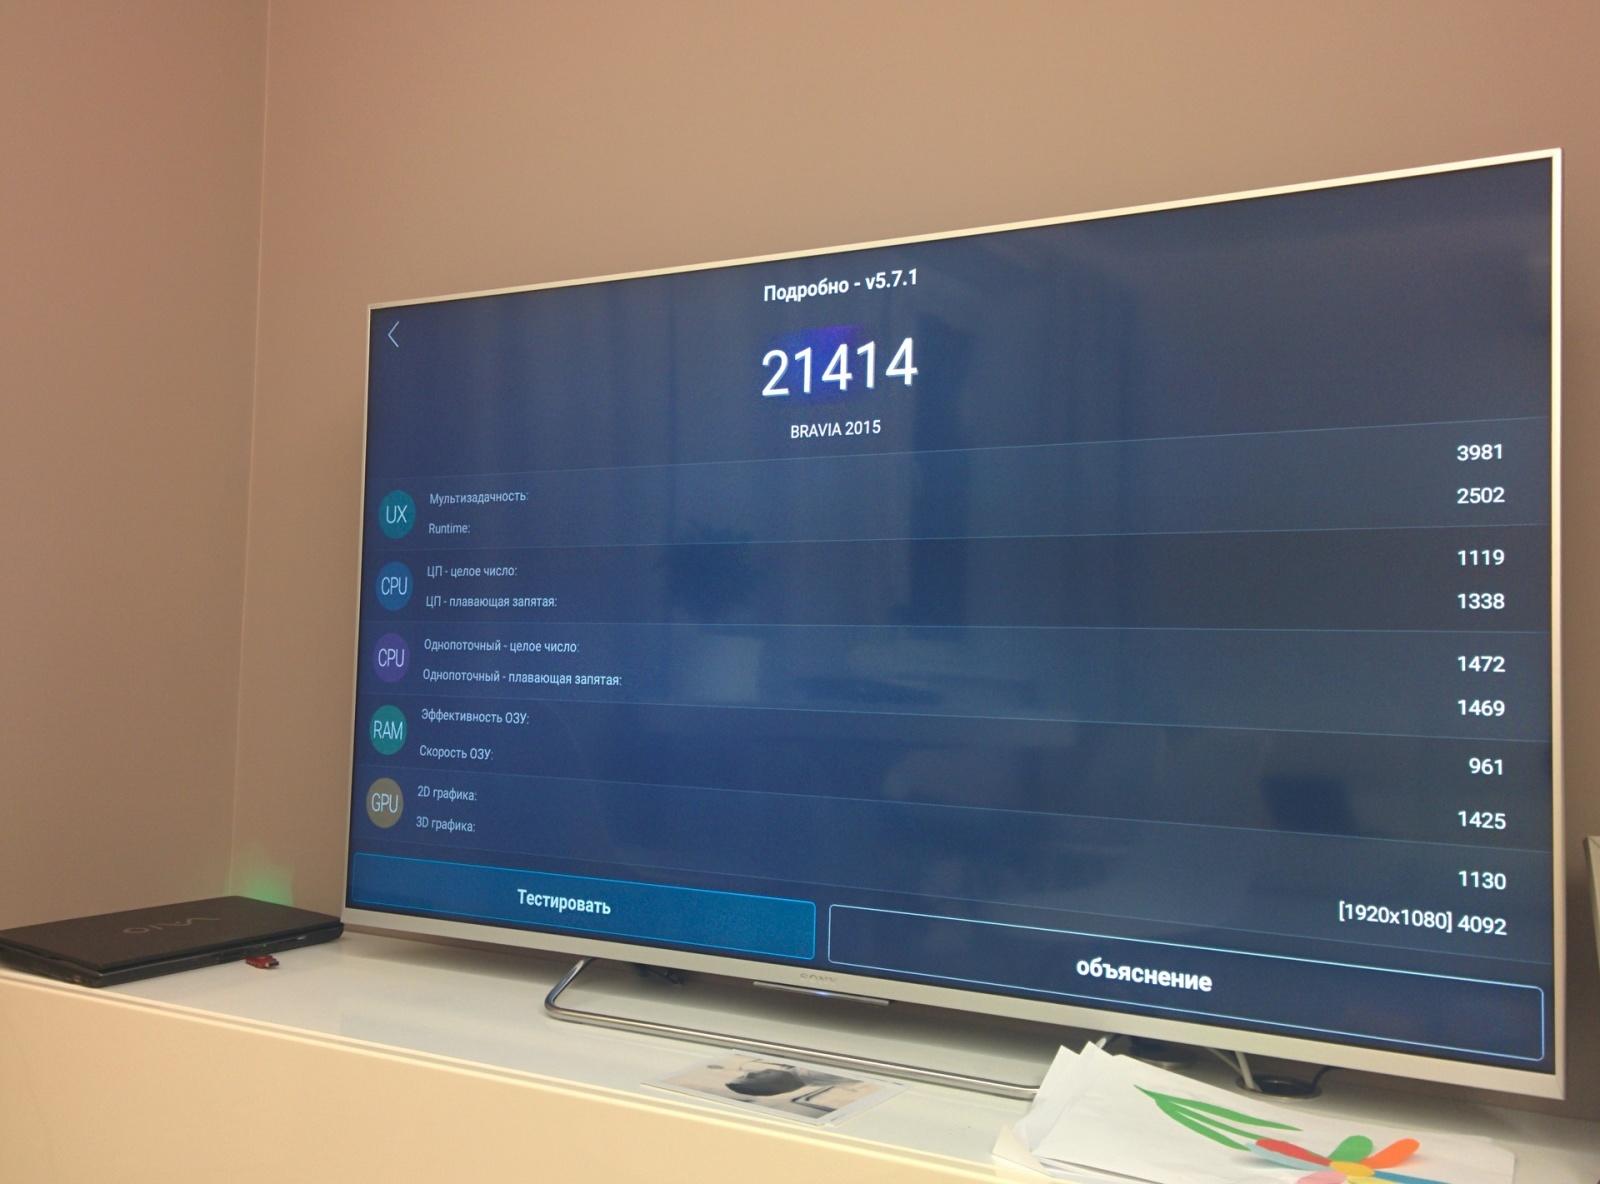 Обзор true Android TV на примере Sony 55w807c - 16